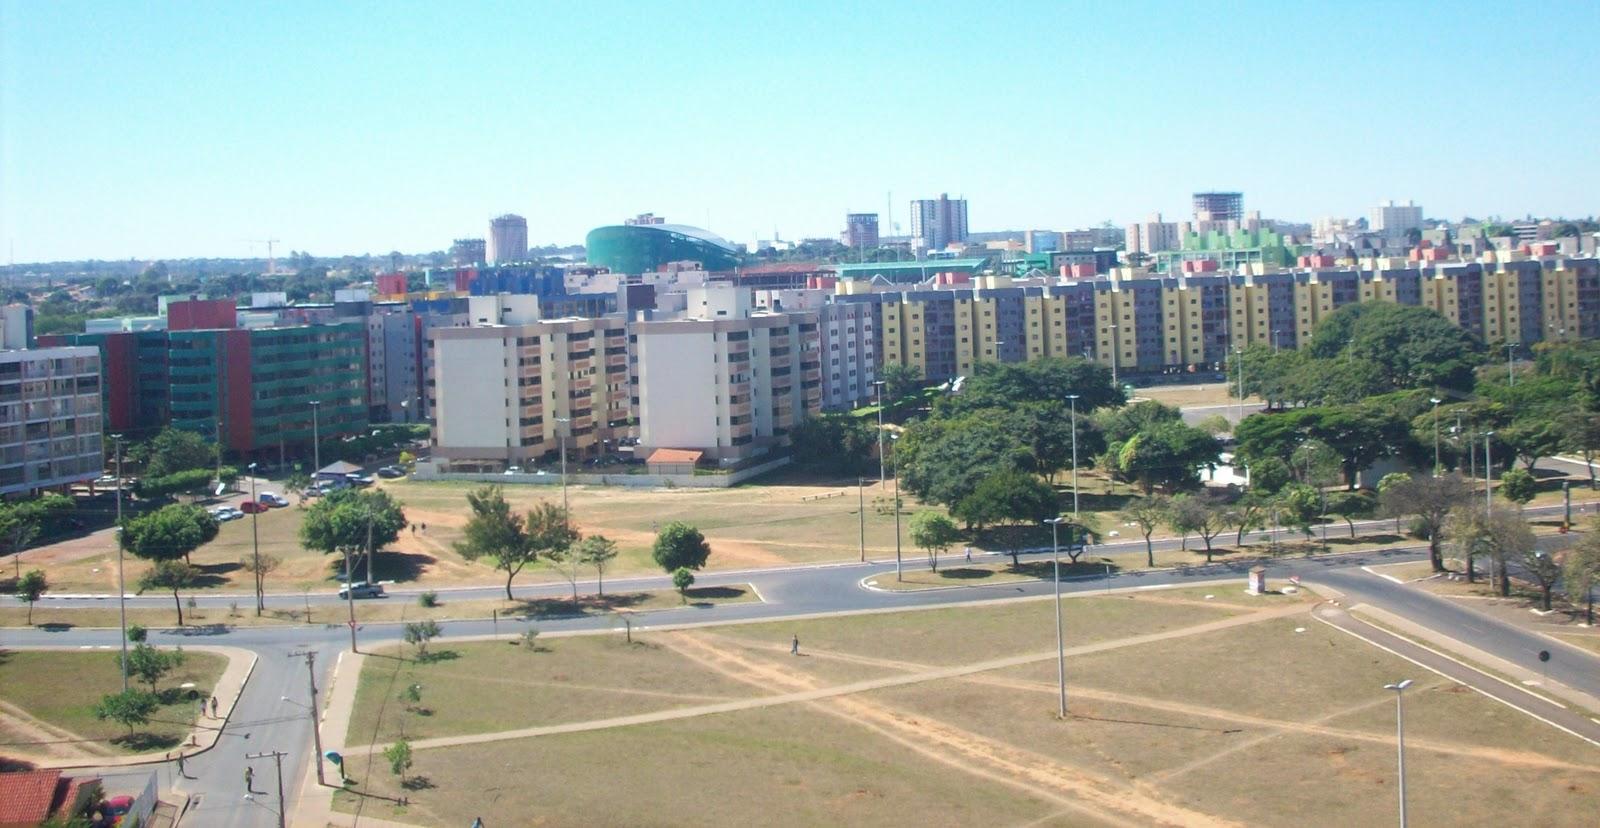 Imóveis-Baratos-à-Venda-em-Gama-DF-Imobiliárias